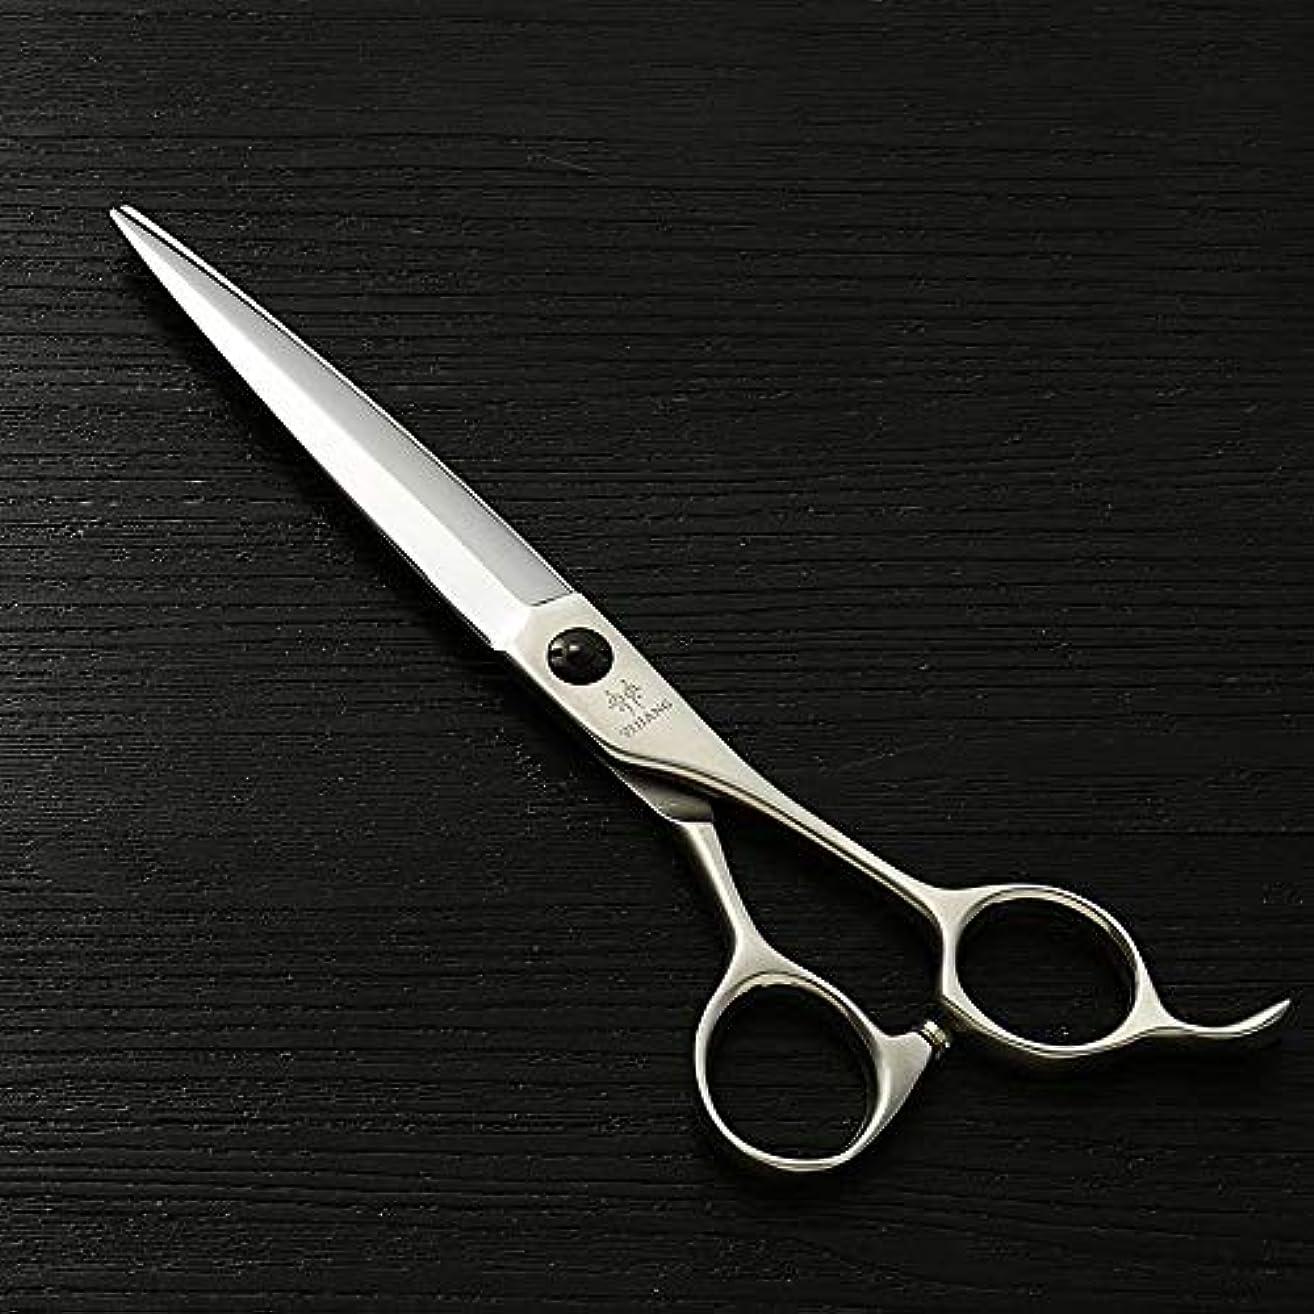 華氏厳しい神経衰弱理髪用はさみ 7.0ハイエンド理髪はさみ、440Cステンレス鋼散髪フラットはさみカット毛はさみステンレス理髪はさみ (色 : Silver)